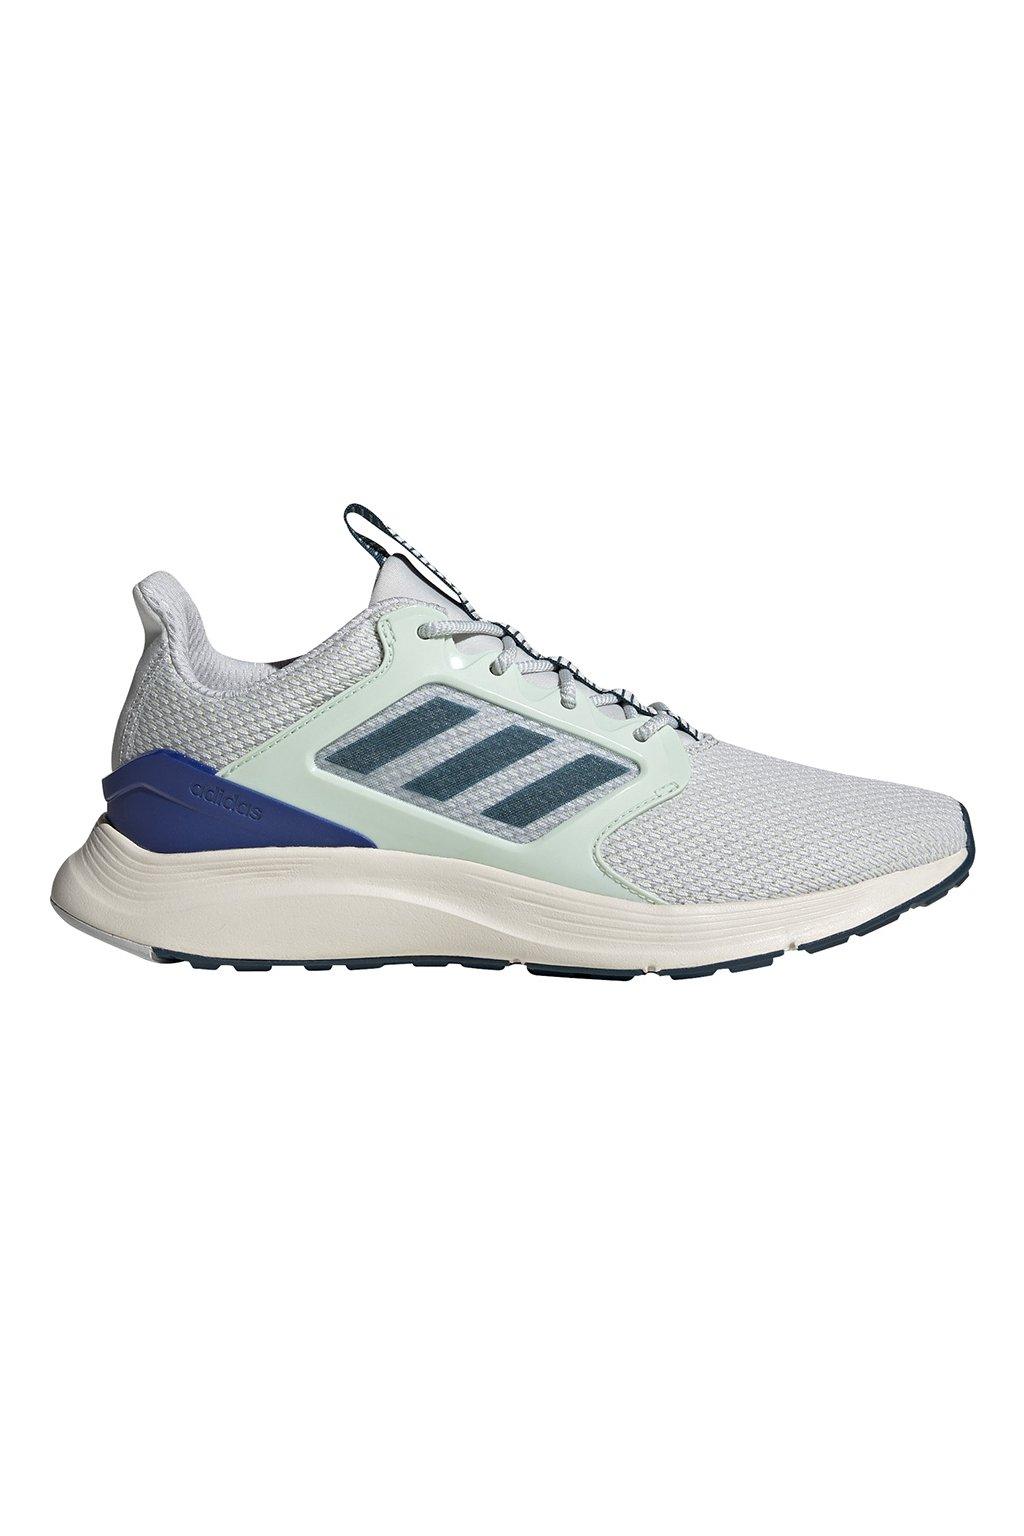 Dámske tenisky adidas Energyfalcon mätové EG3954